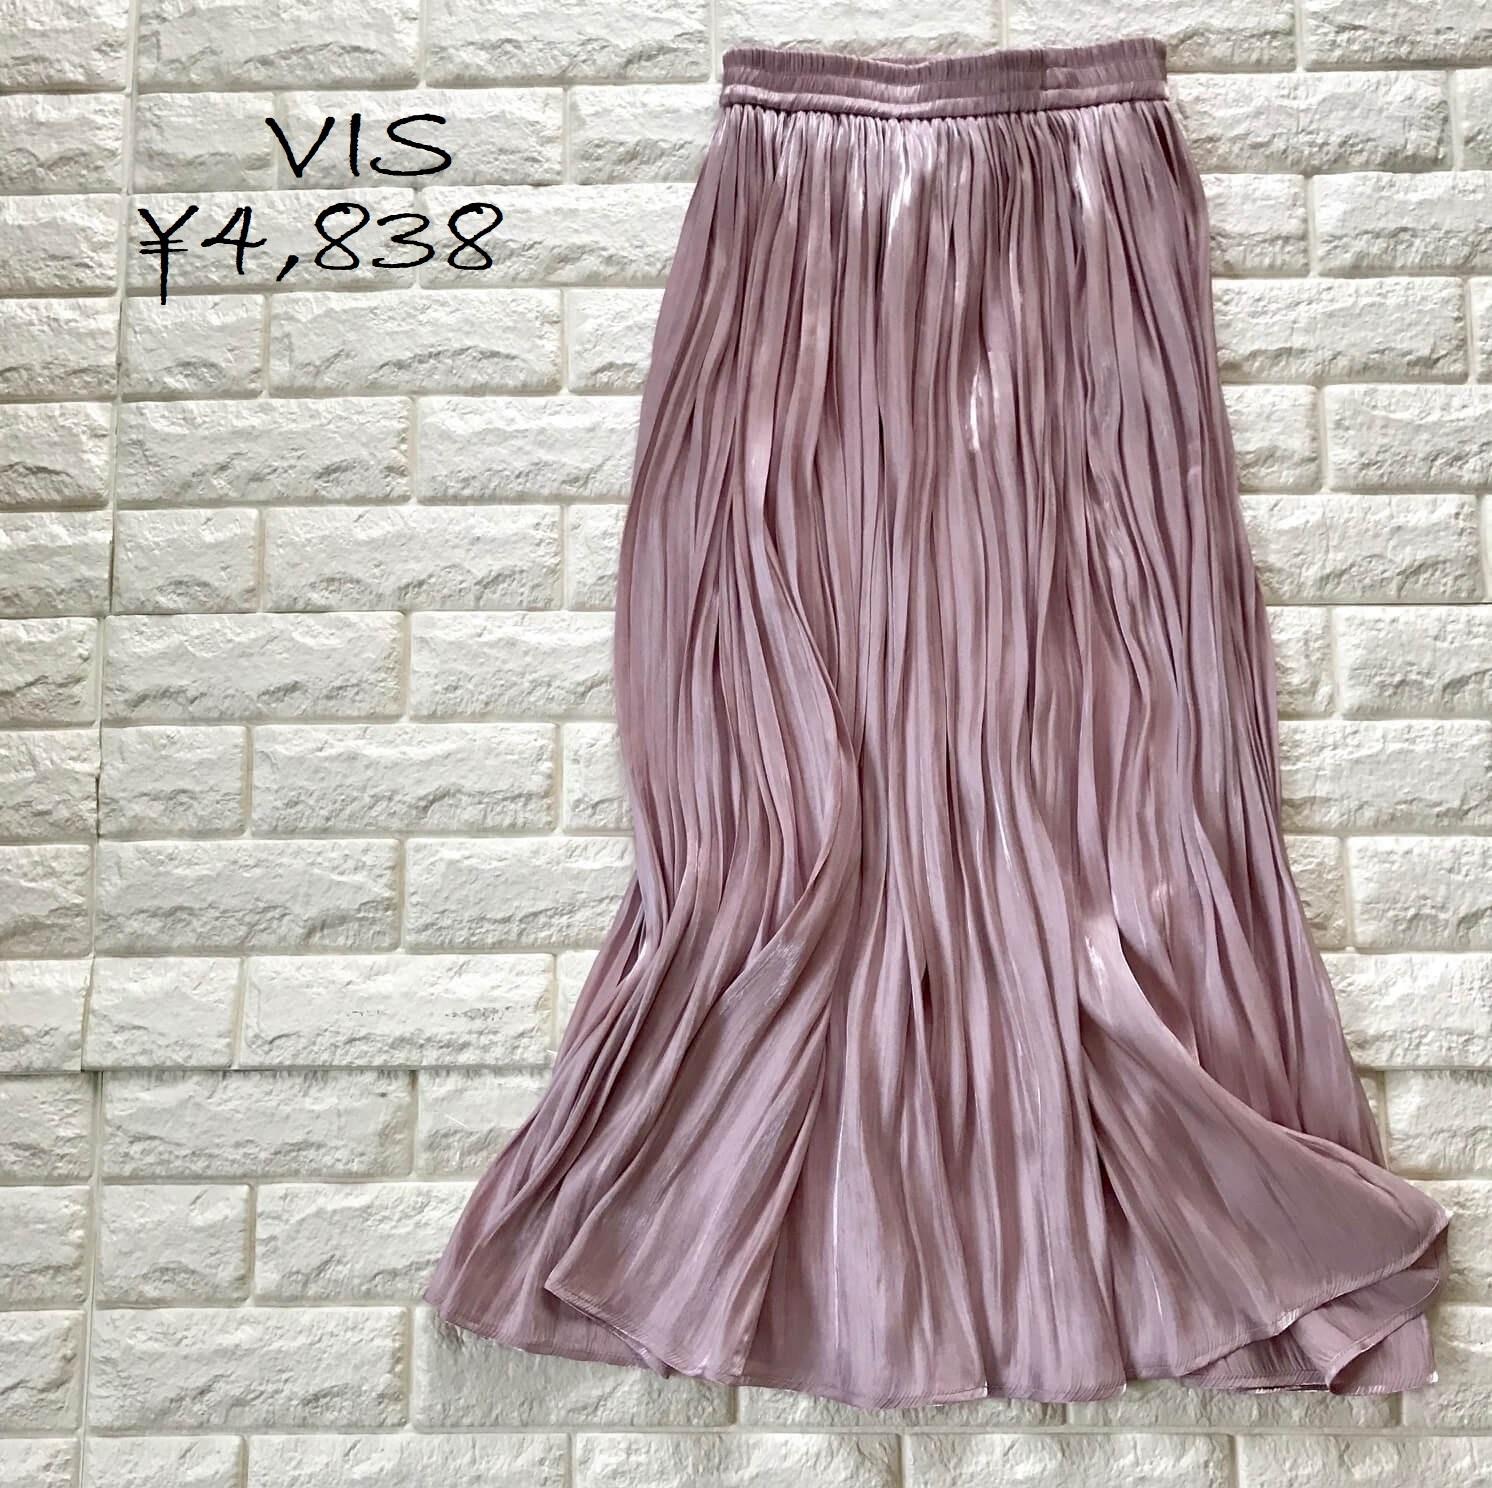 VISのピンクフレアスカート画像